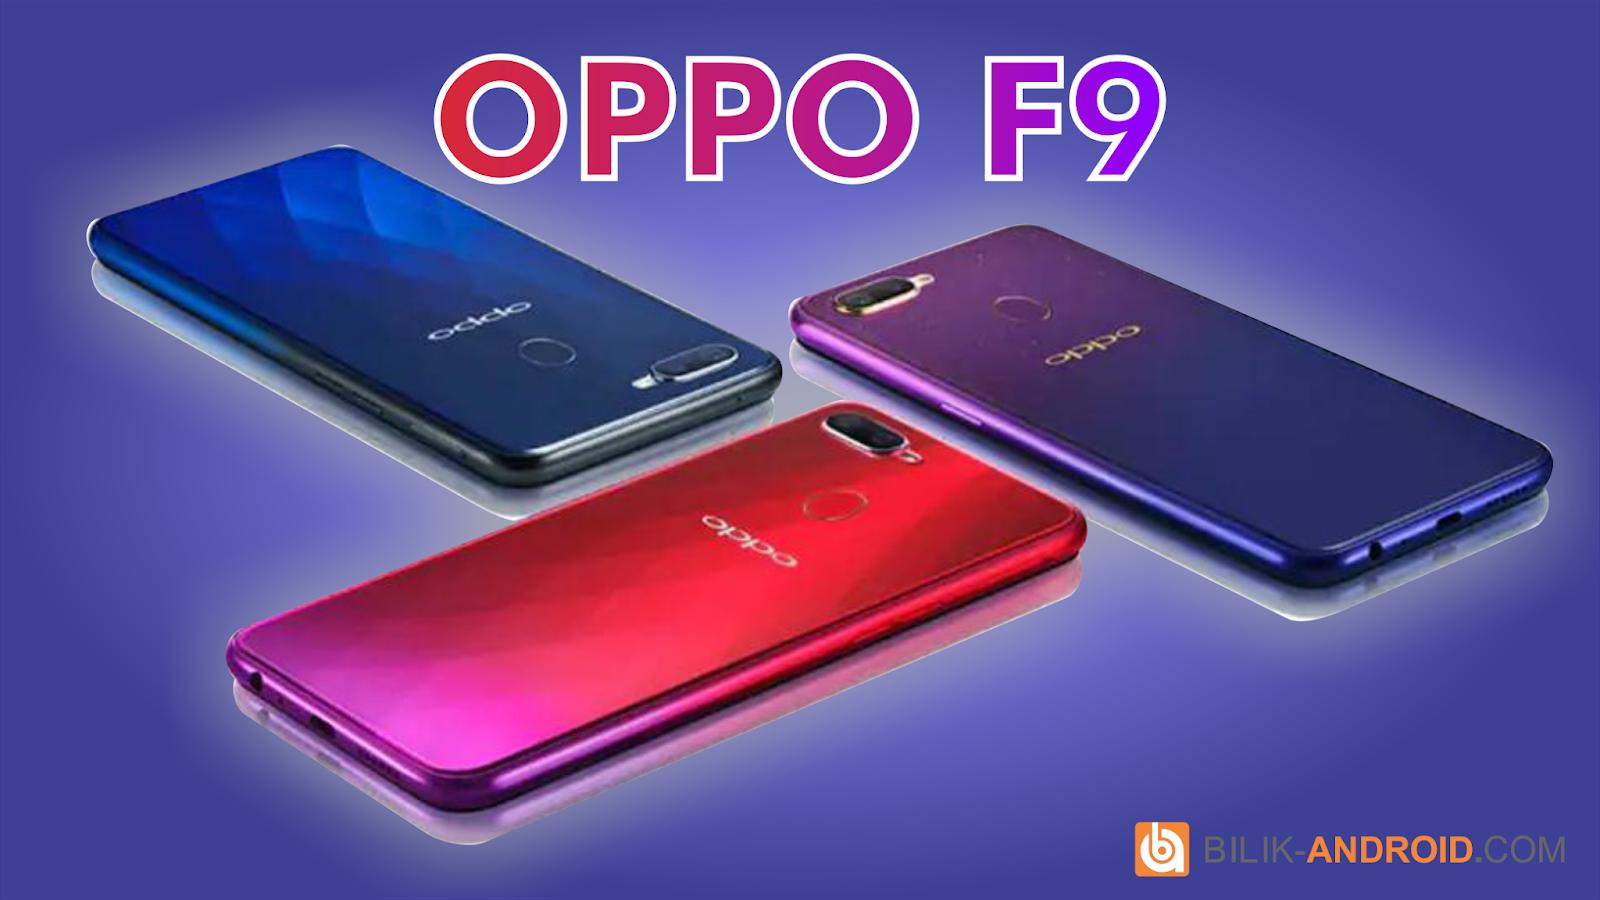 Resmi Meluncur, Inilah Spesifikasi dan Harga Oppo F9